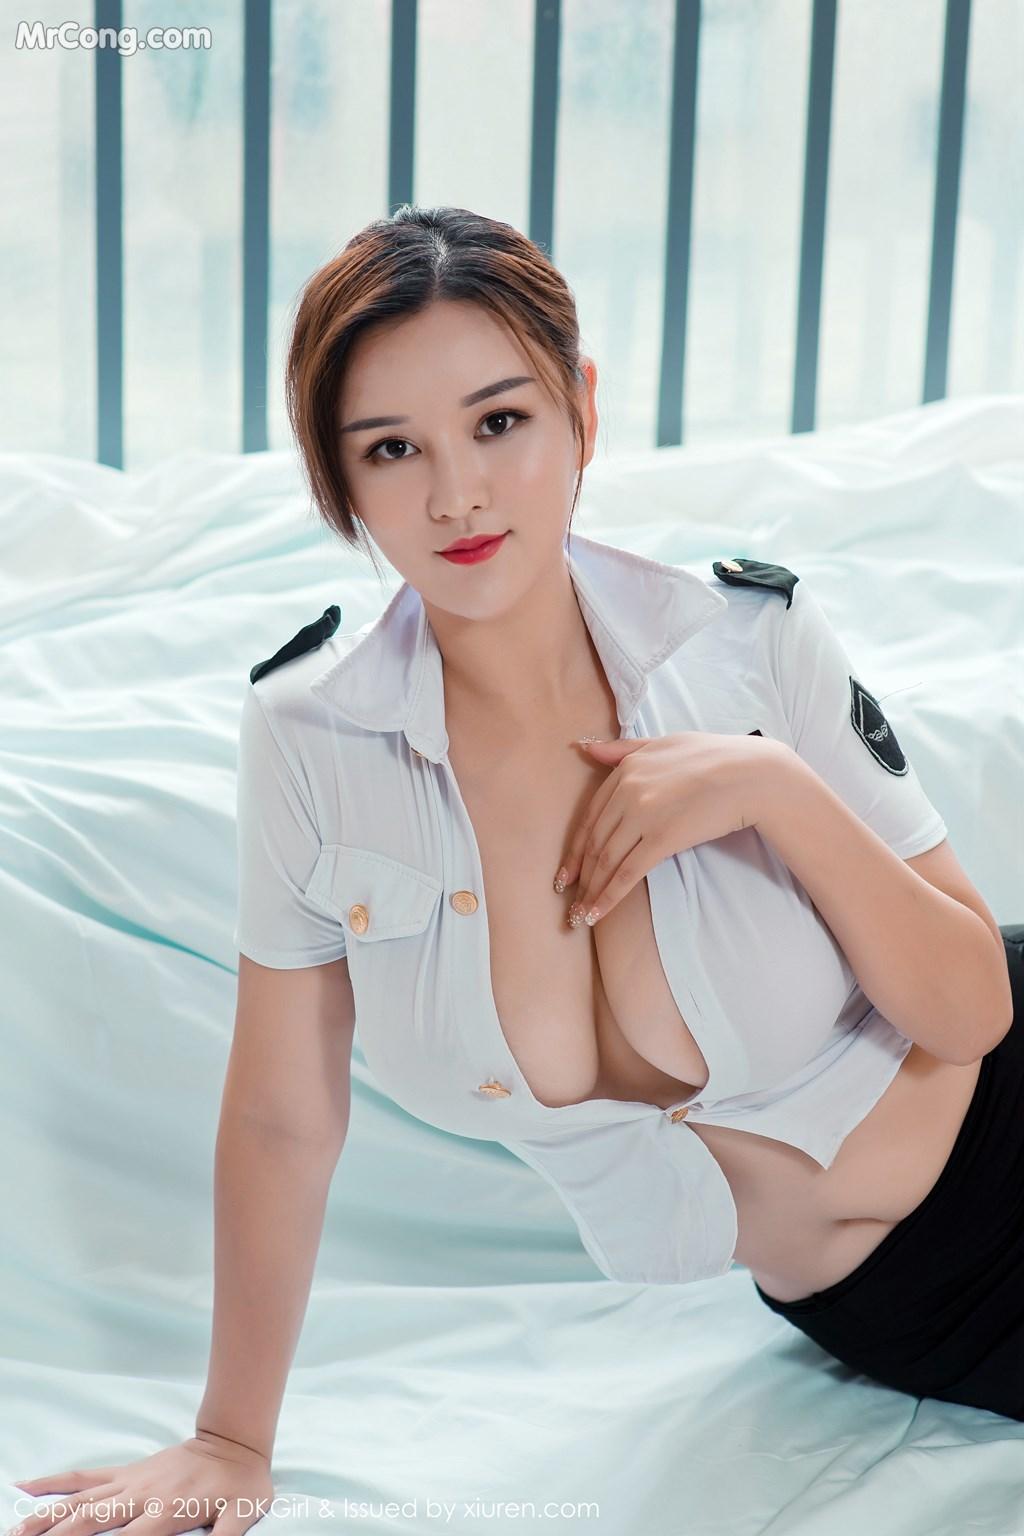 Image DKGirl-Vol.107-ber-MrCong.com-006 in post DKGirl Vol.107: 潘琳琳ber (54 ảnh)